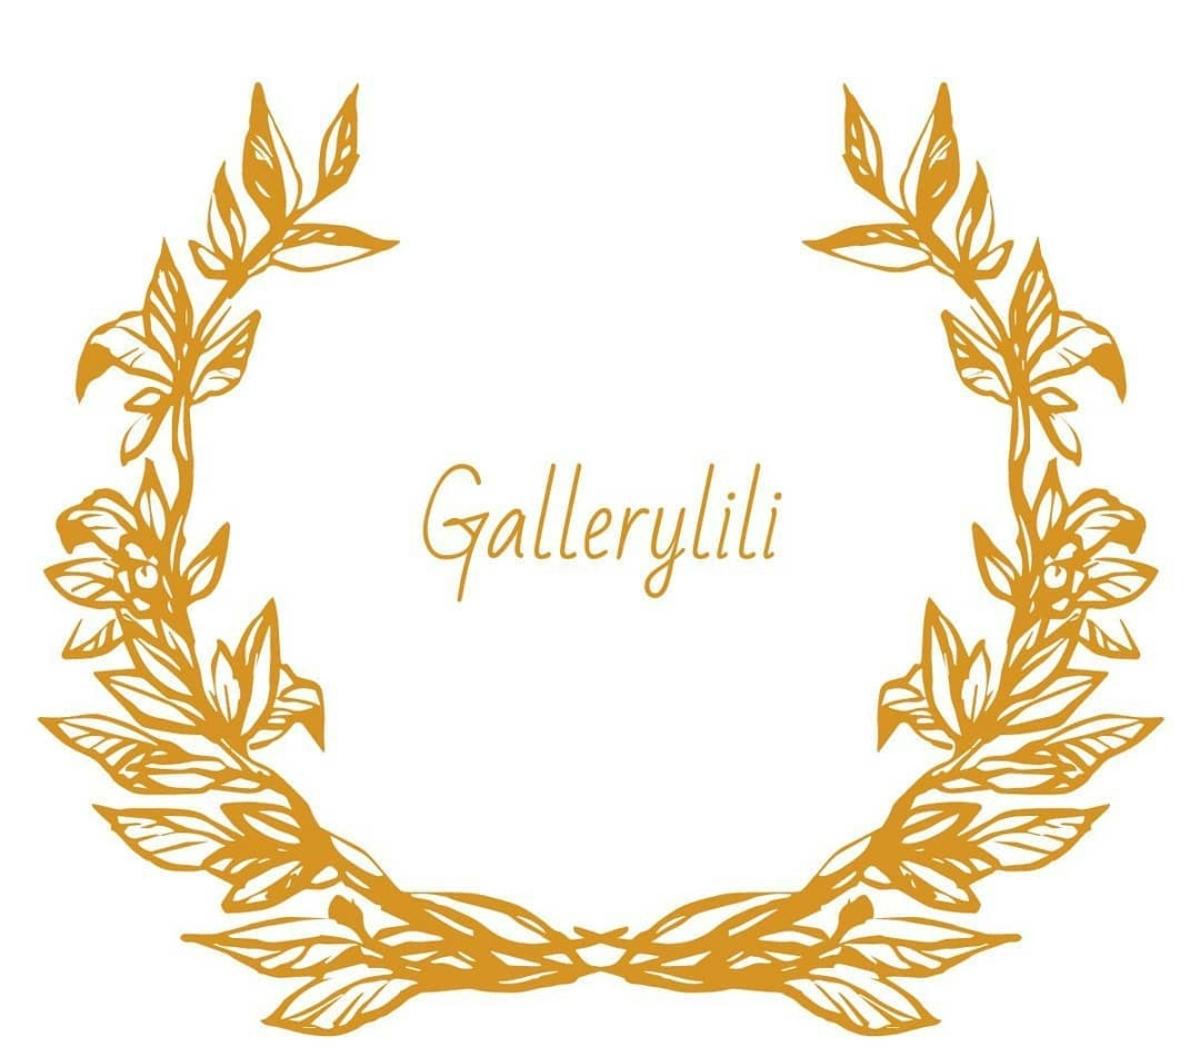 Lili gallery